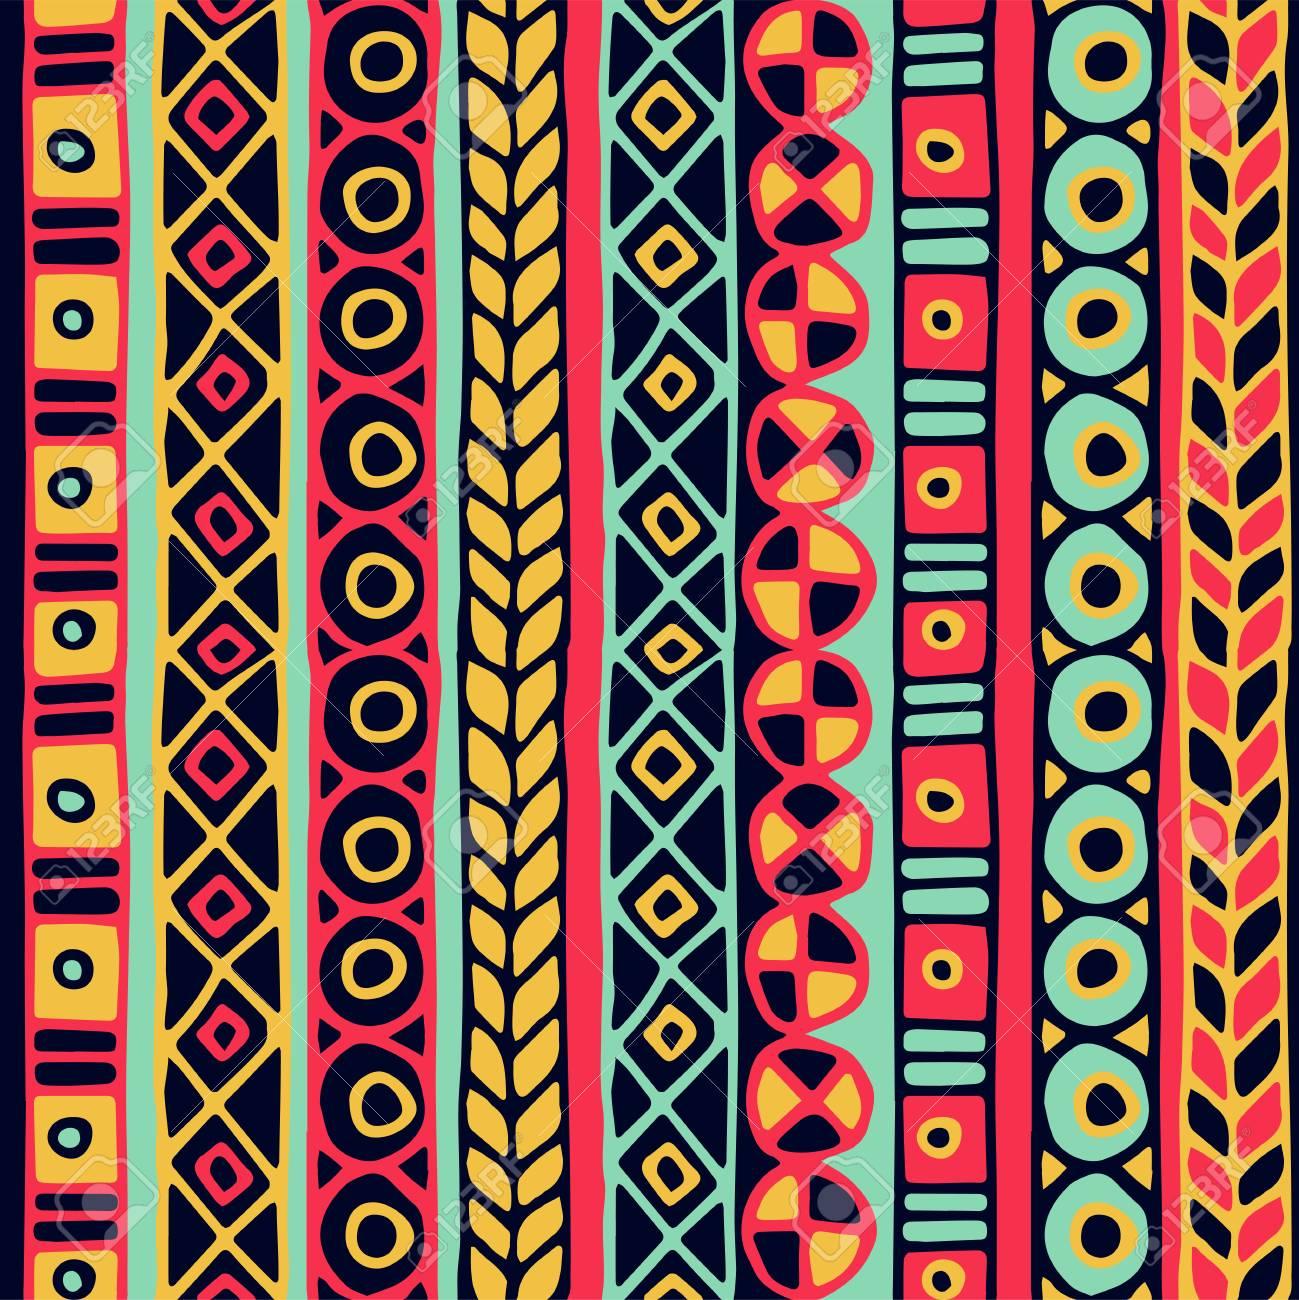 origine ethnique seamless le style boho fond d ecran ethnique print art tribal texture de fond anciennes frontieres abstraites